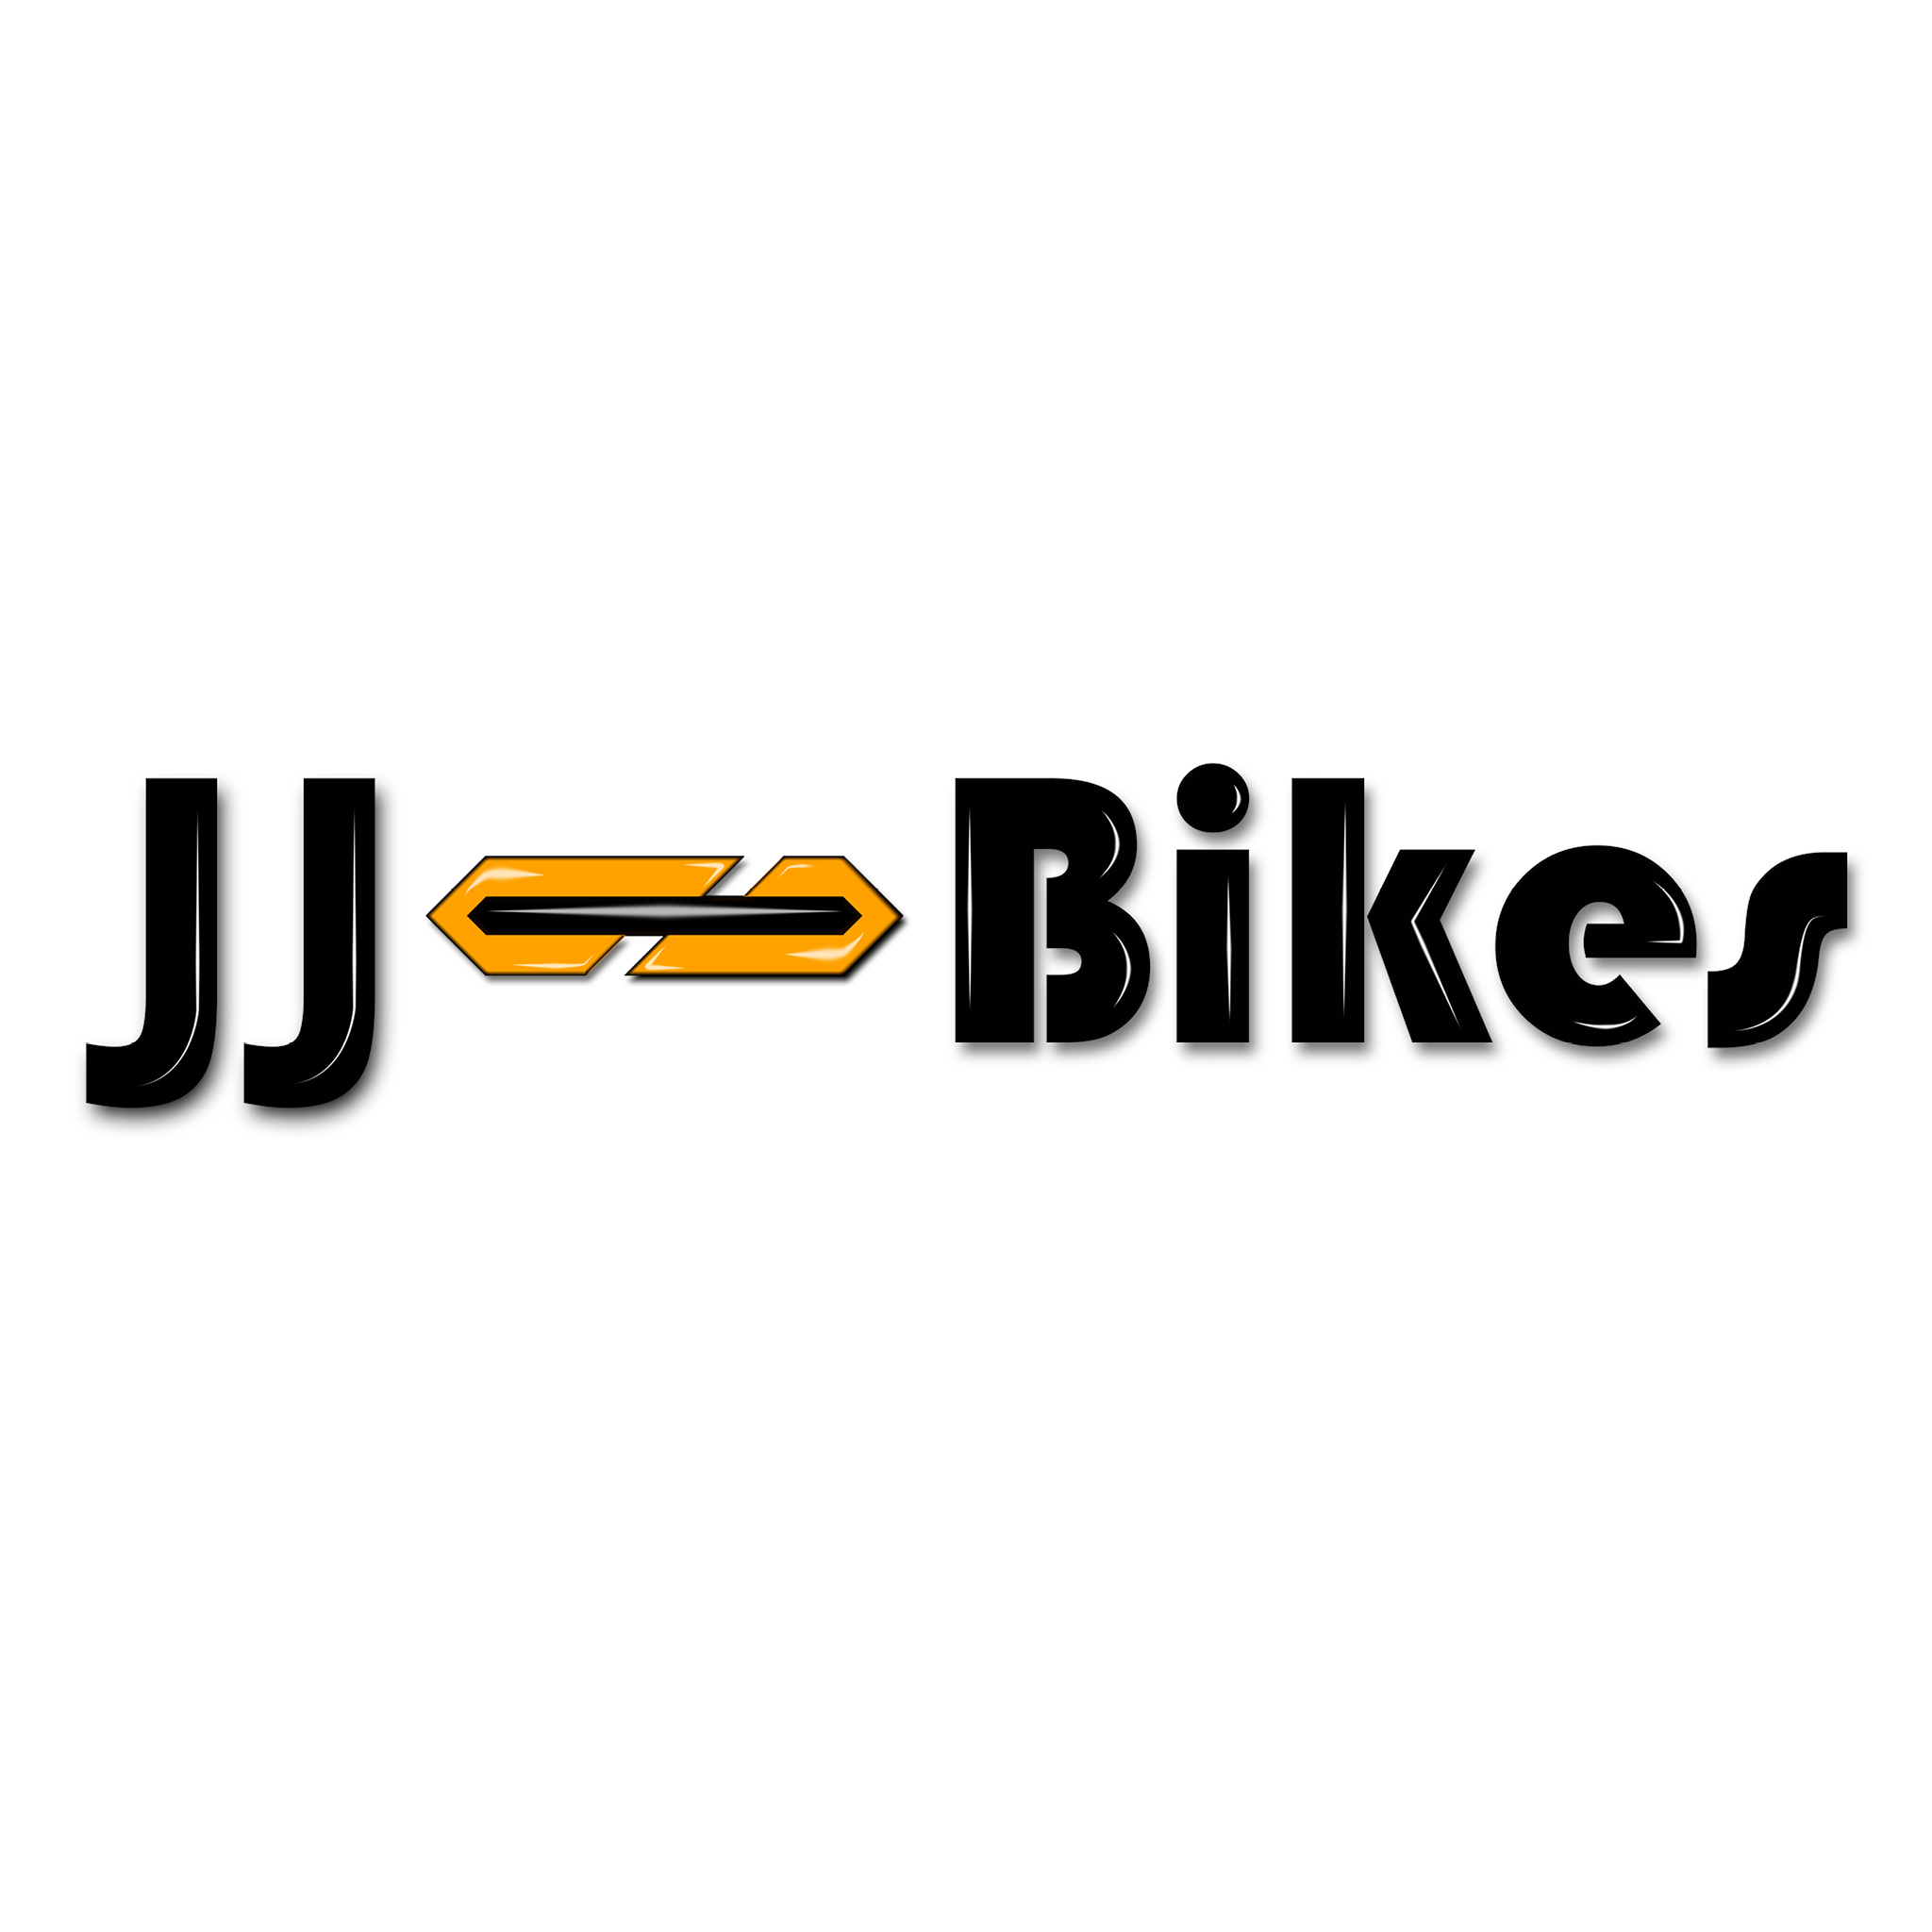 JJ - Bikes